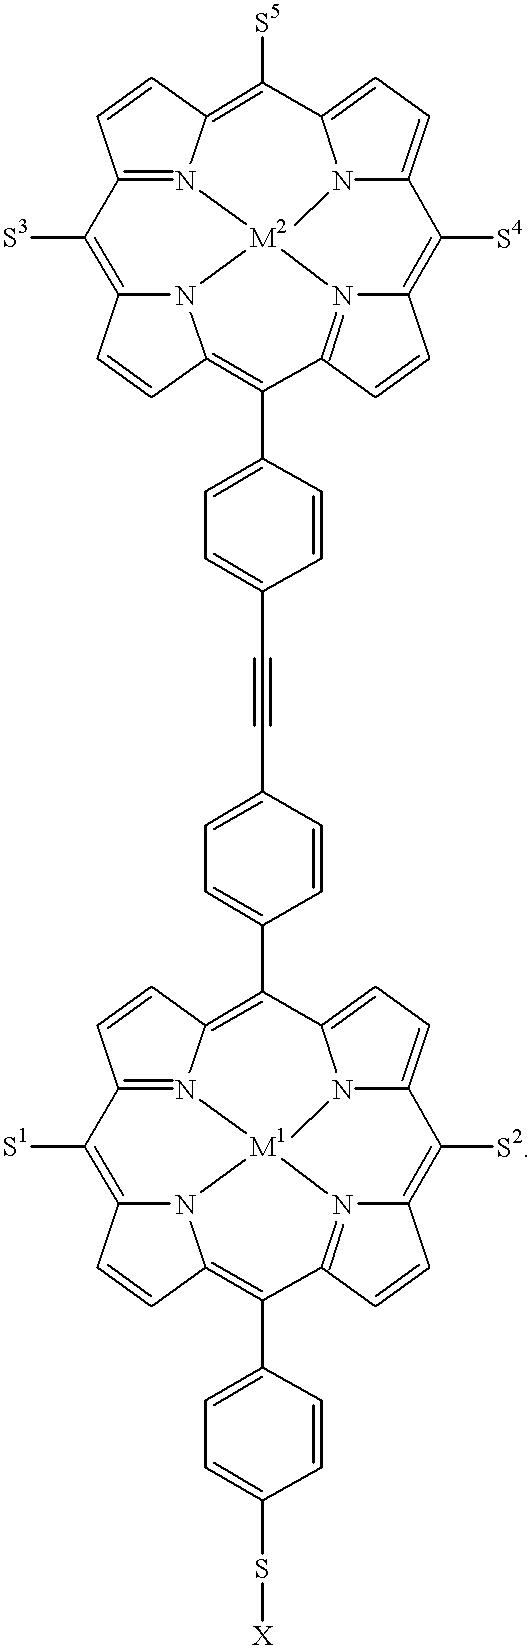 Figure US06381169-20020430-C00041